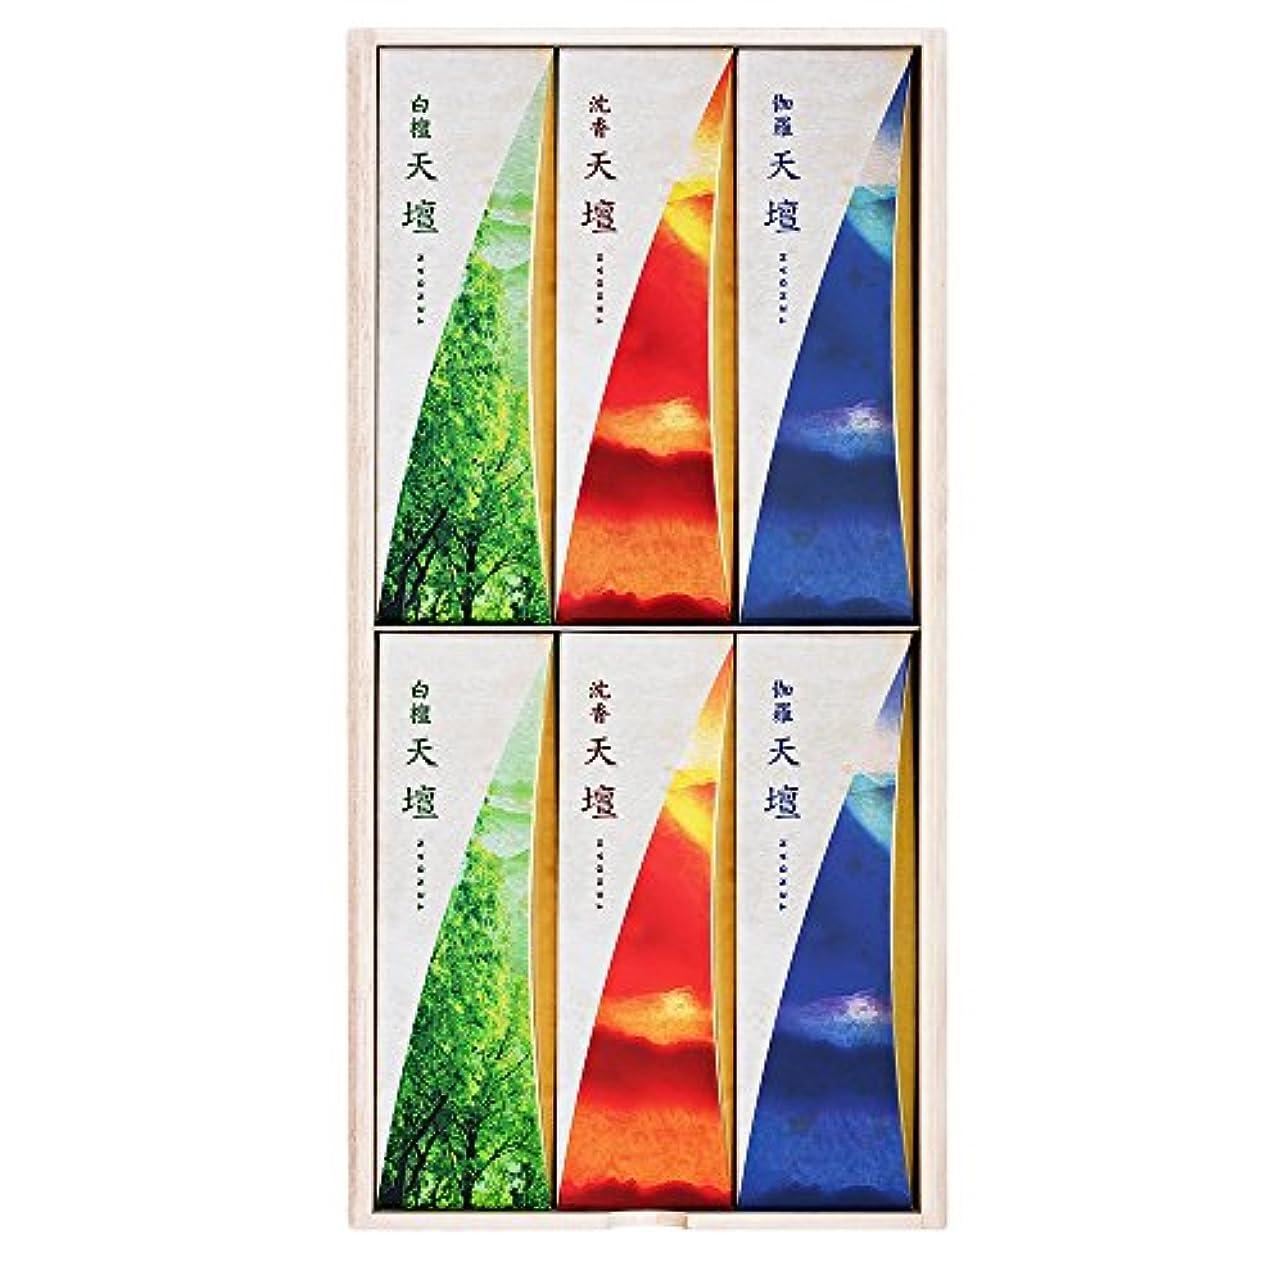 内なる配管ハンドブック天壇進物5000 桐箱 包装品 (白檀の香り2箱、沈香の香り2箱、伽羅の香り2箱)